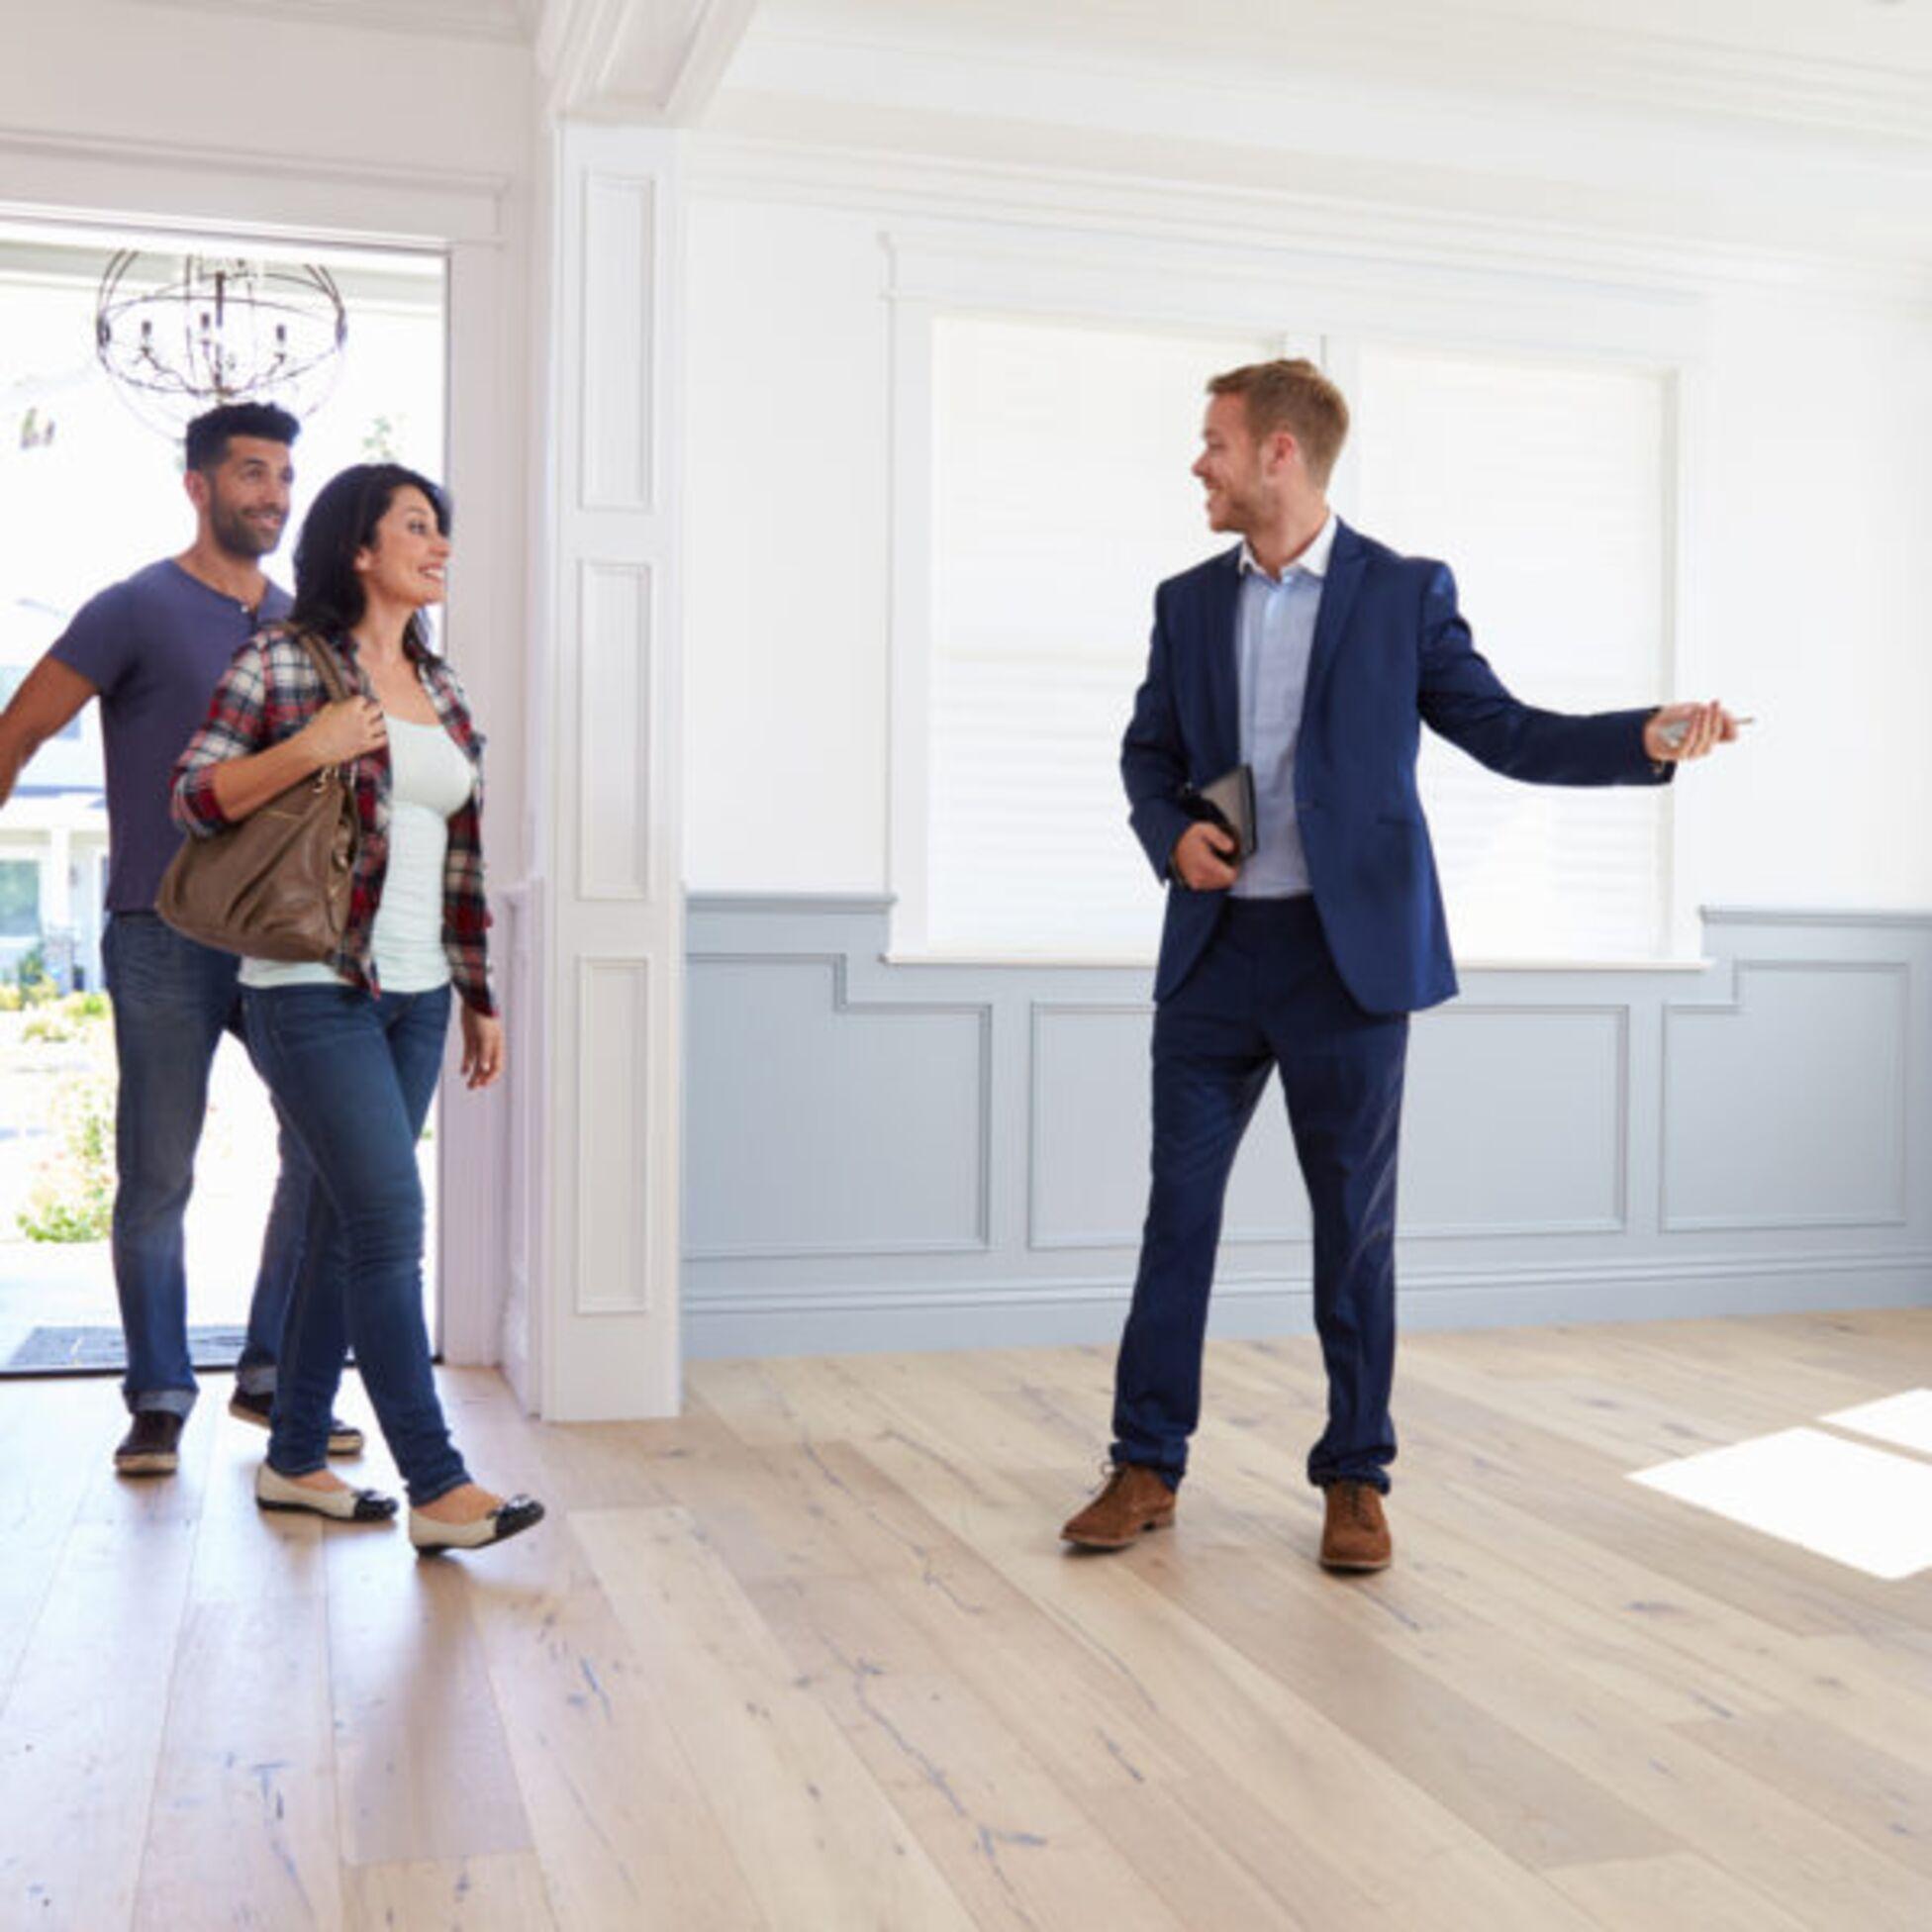 Makler zeigt Paar Wohnung